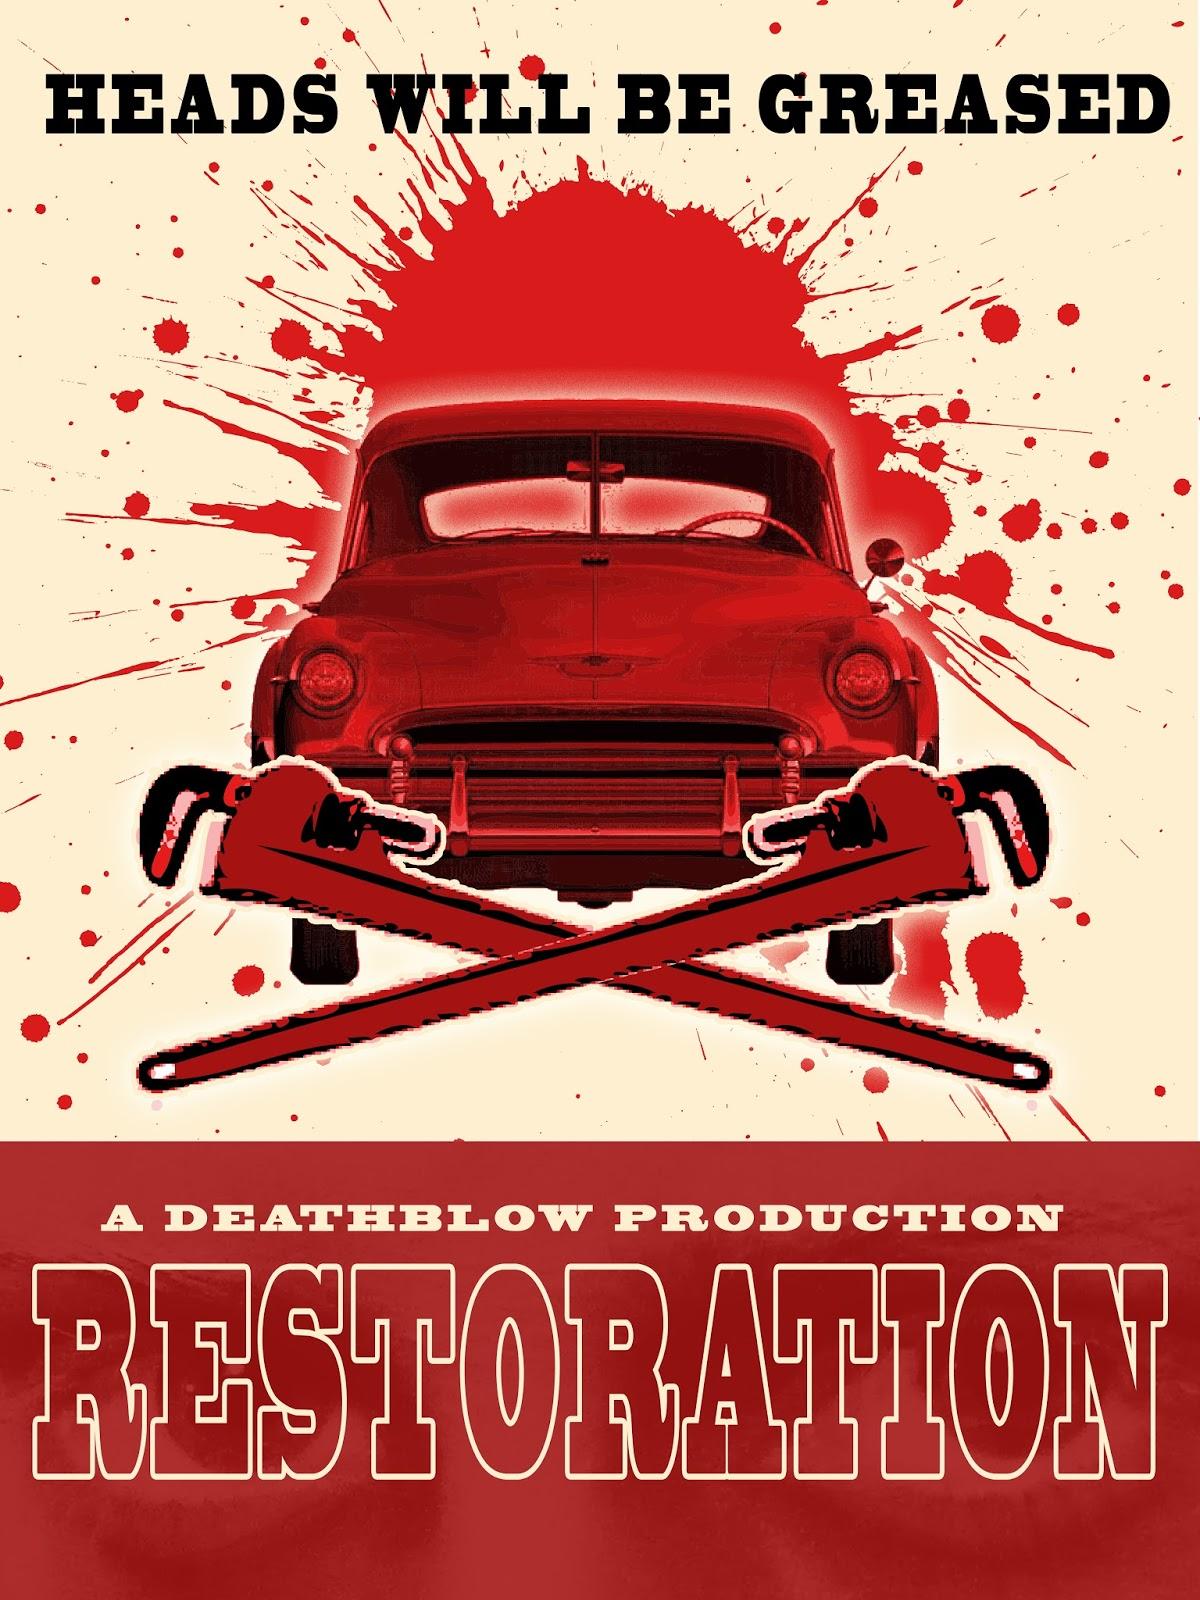 """Poster for """"Restoration"""""""